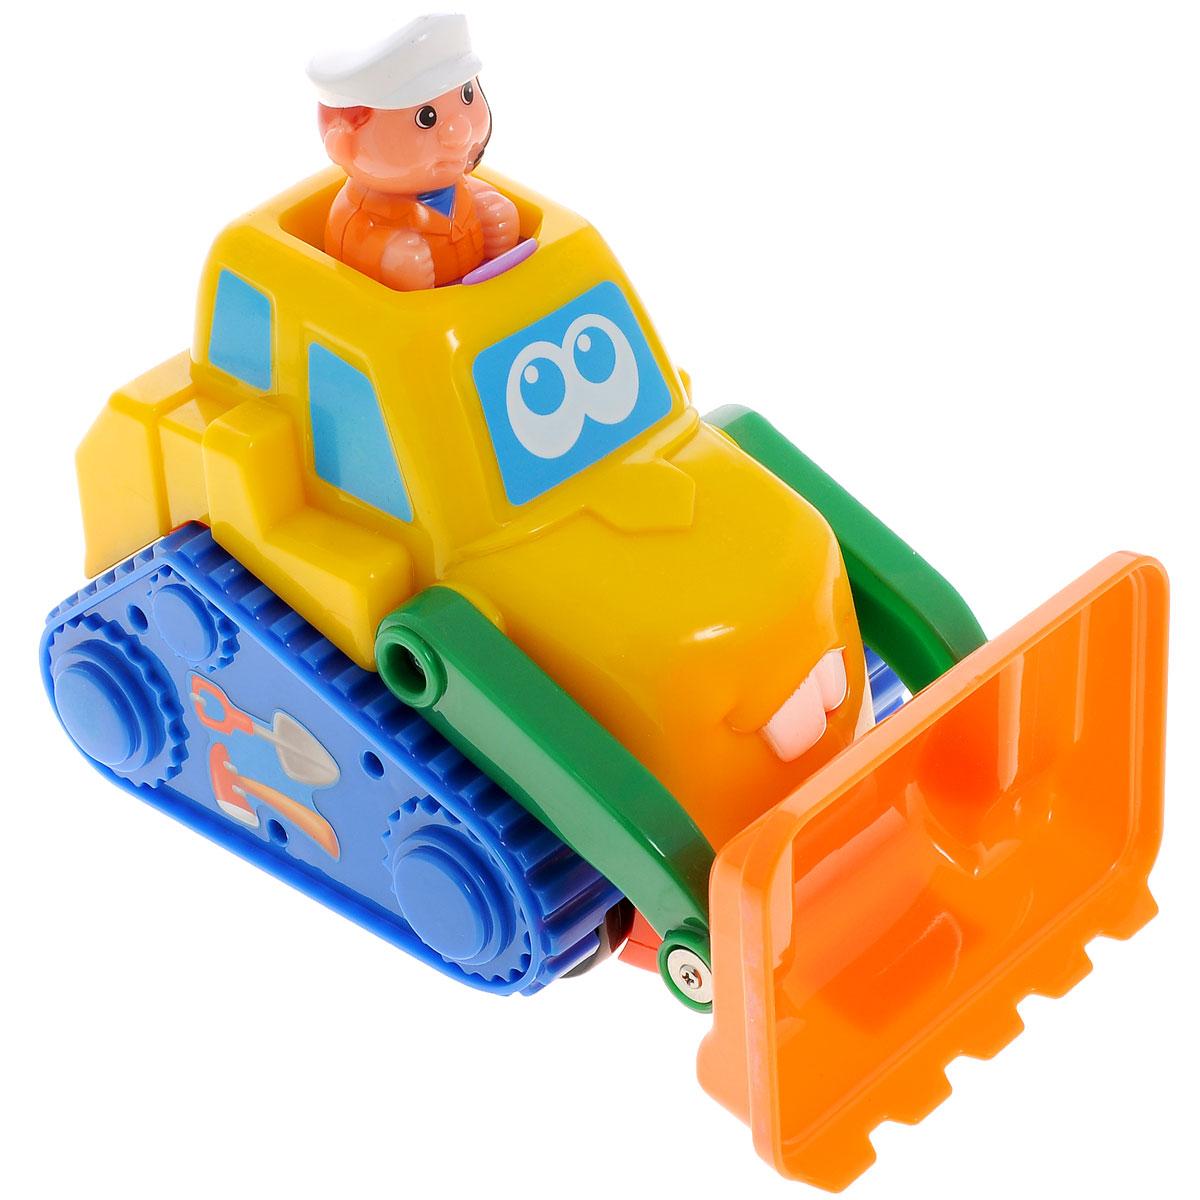 Kiddieland Развивающая игрушка Бульдозер